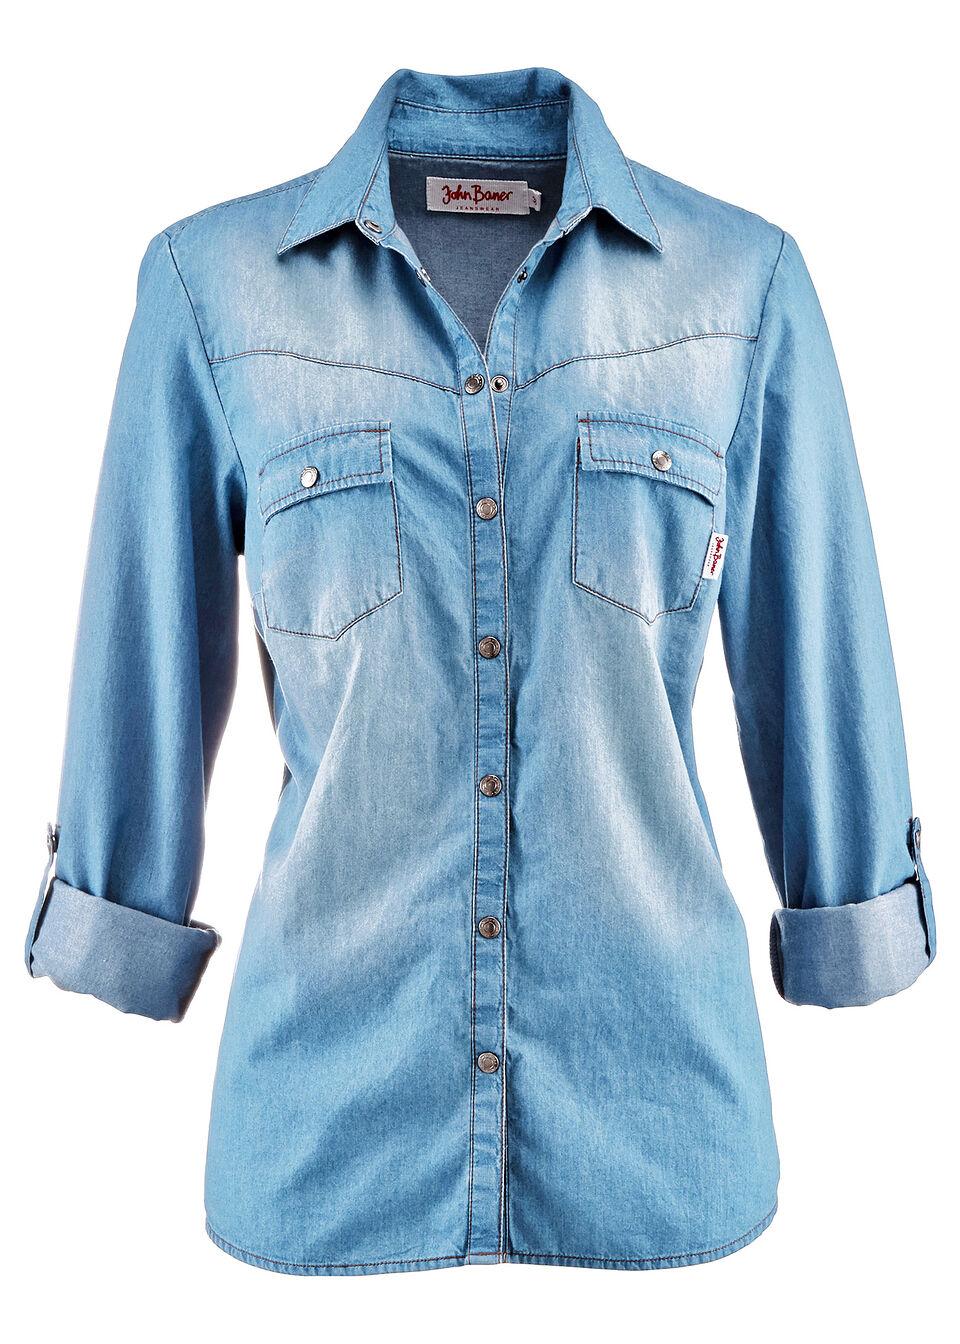 Джинсовая блузка с застежкой на кнопки и длинным рукавом